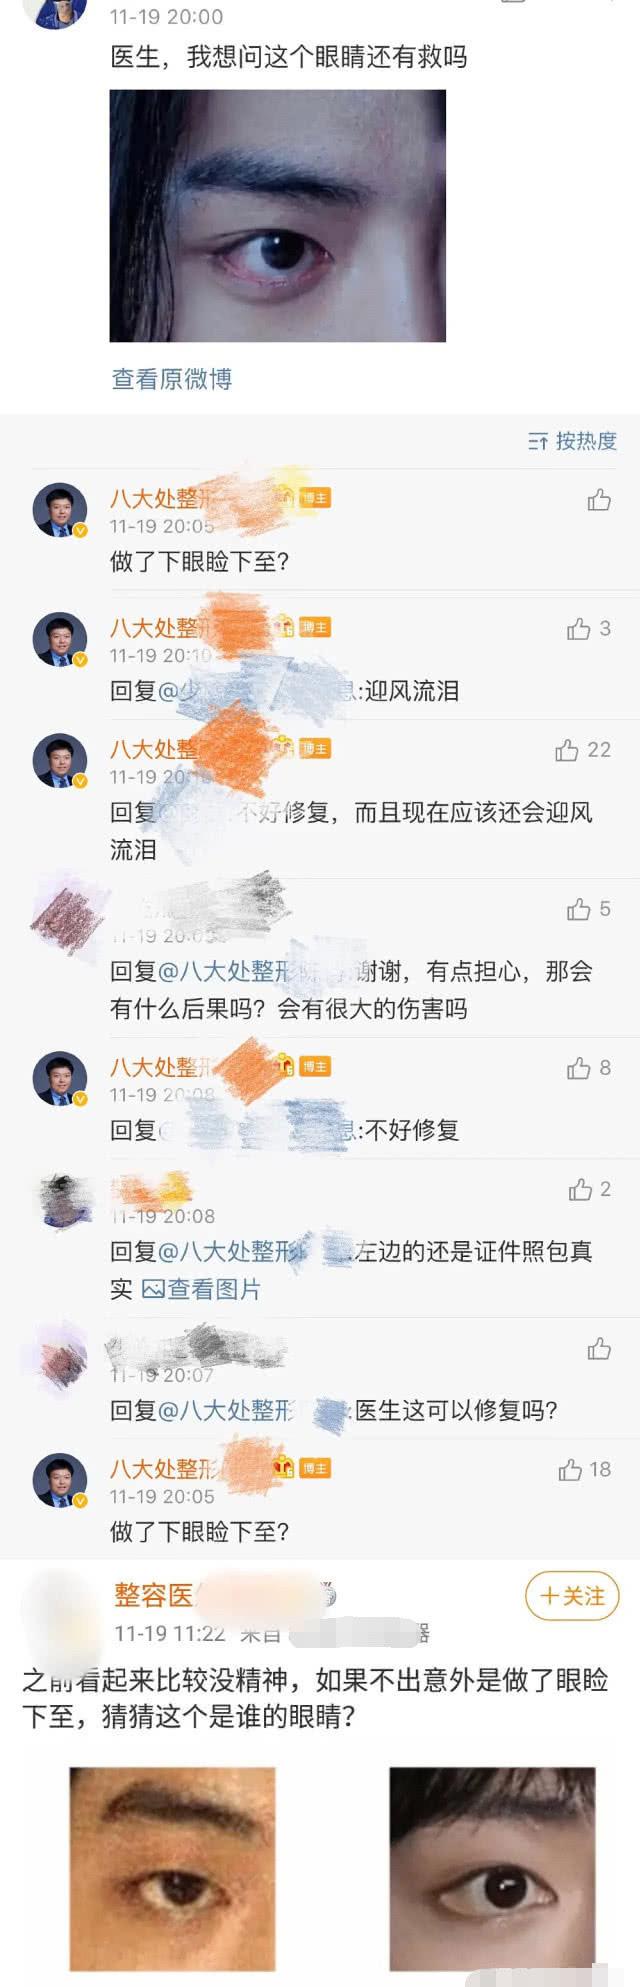 Rộ tin đồn mỹ nam Tiêu Chiến động qua dao kéo và phản ứng bất ngờ của cộng đồng mạng - Ảnh 3.